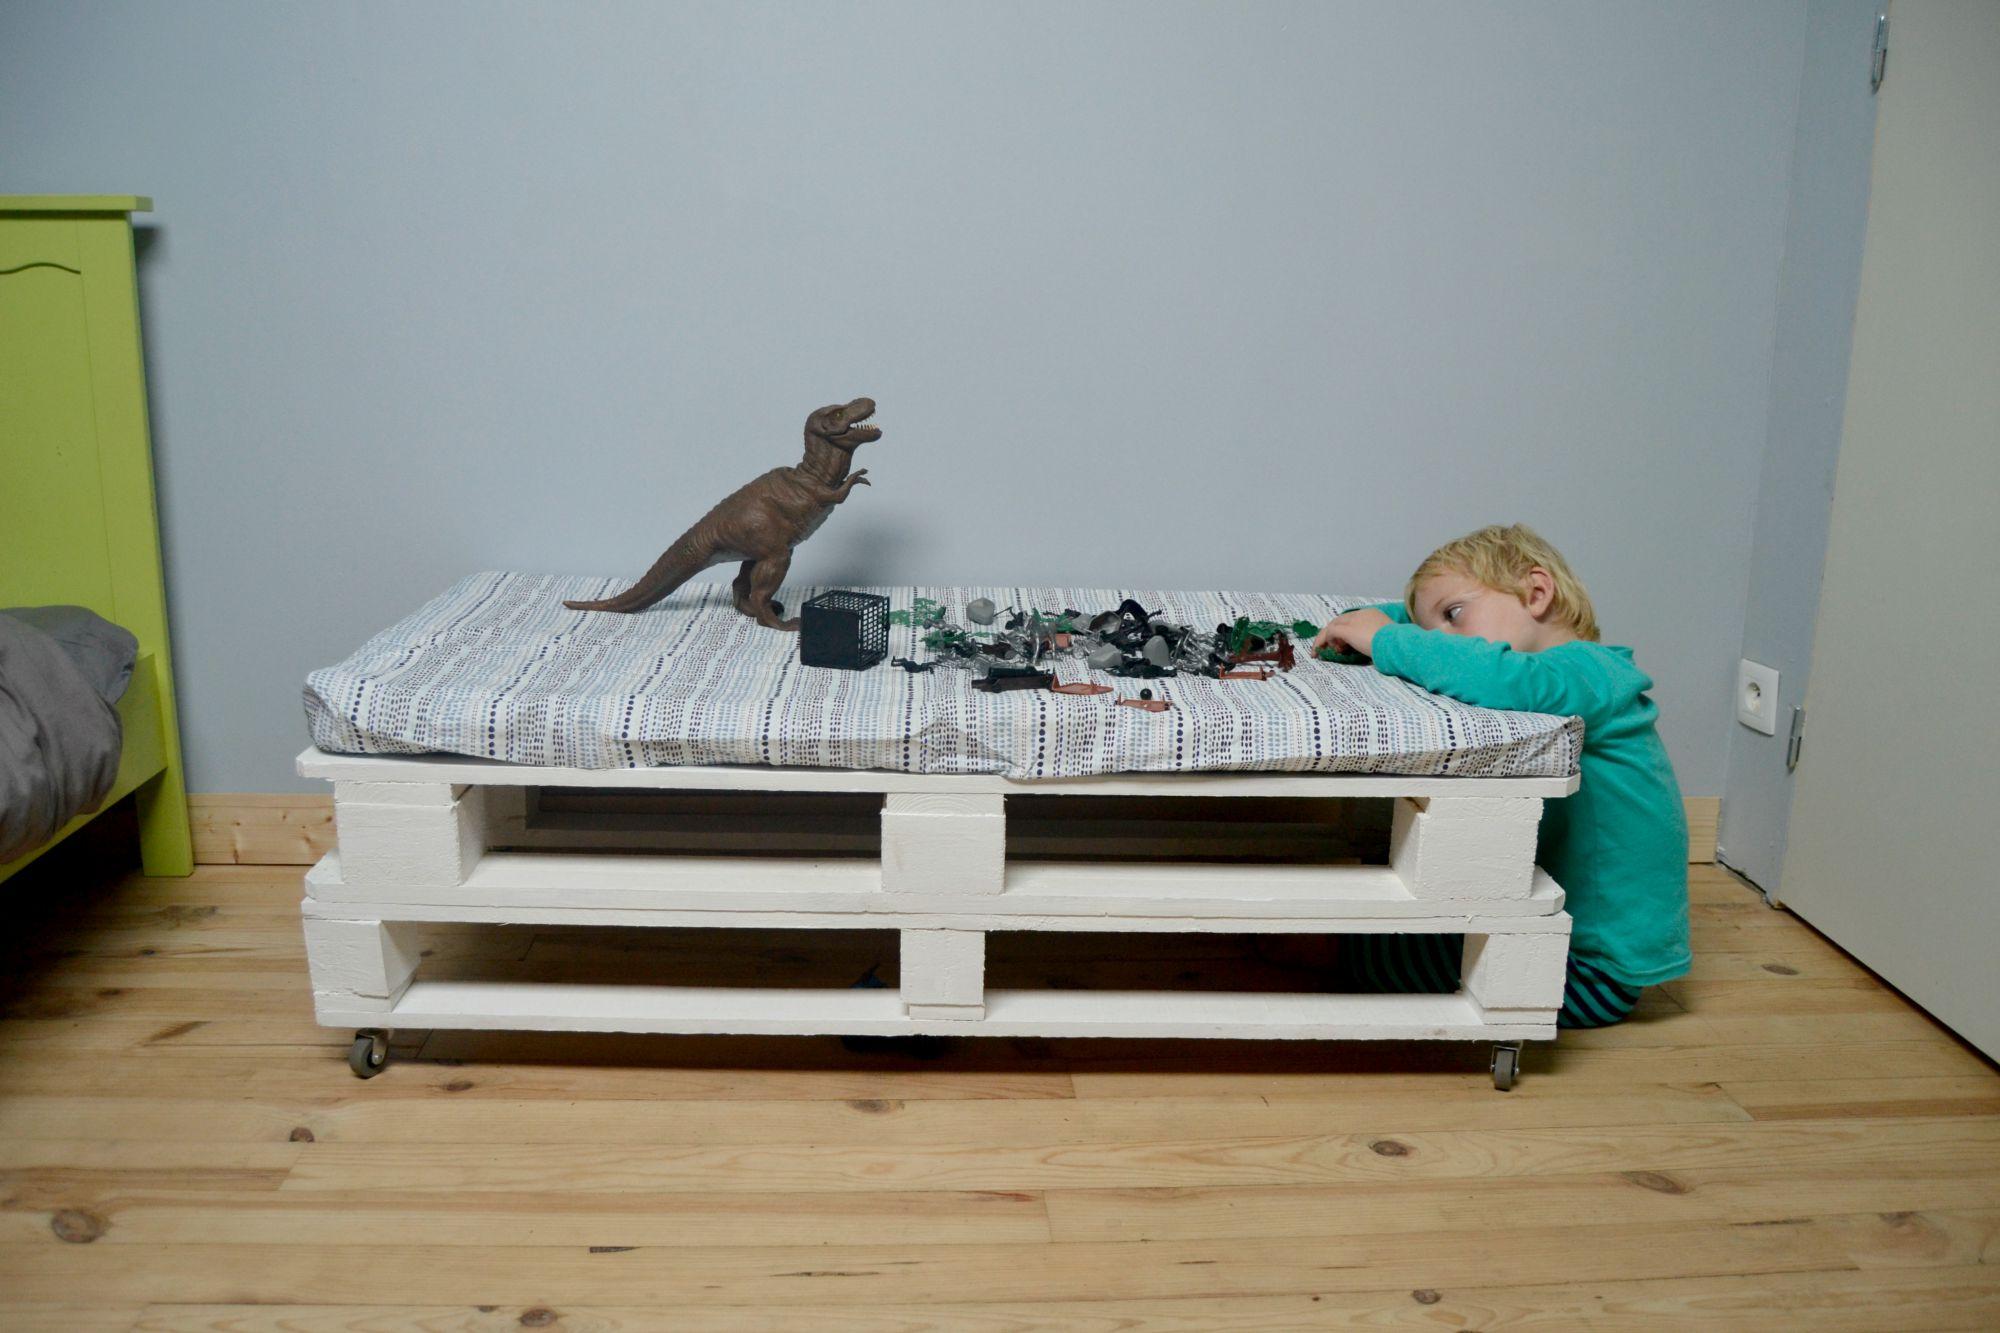 Faire Un Banc En Palette chambre enfant : banc en palettes récup' - maman à tout faire